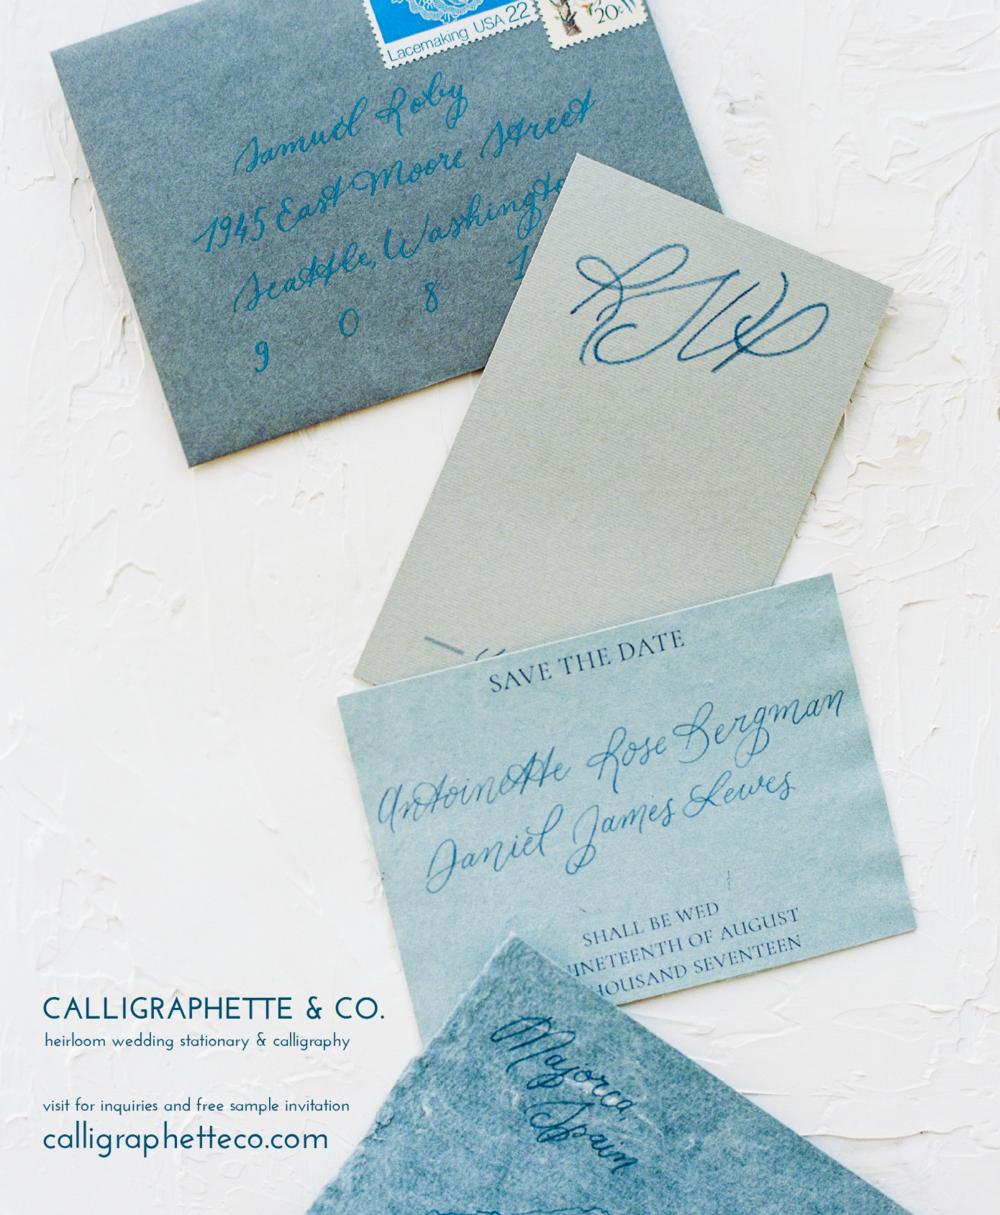 Calligraphette & Co Instragram Ad-11.png